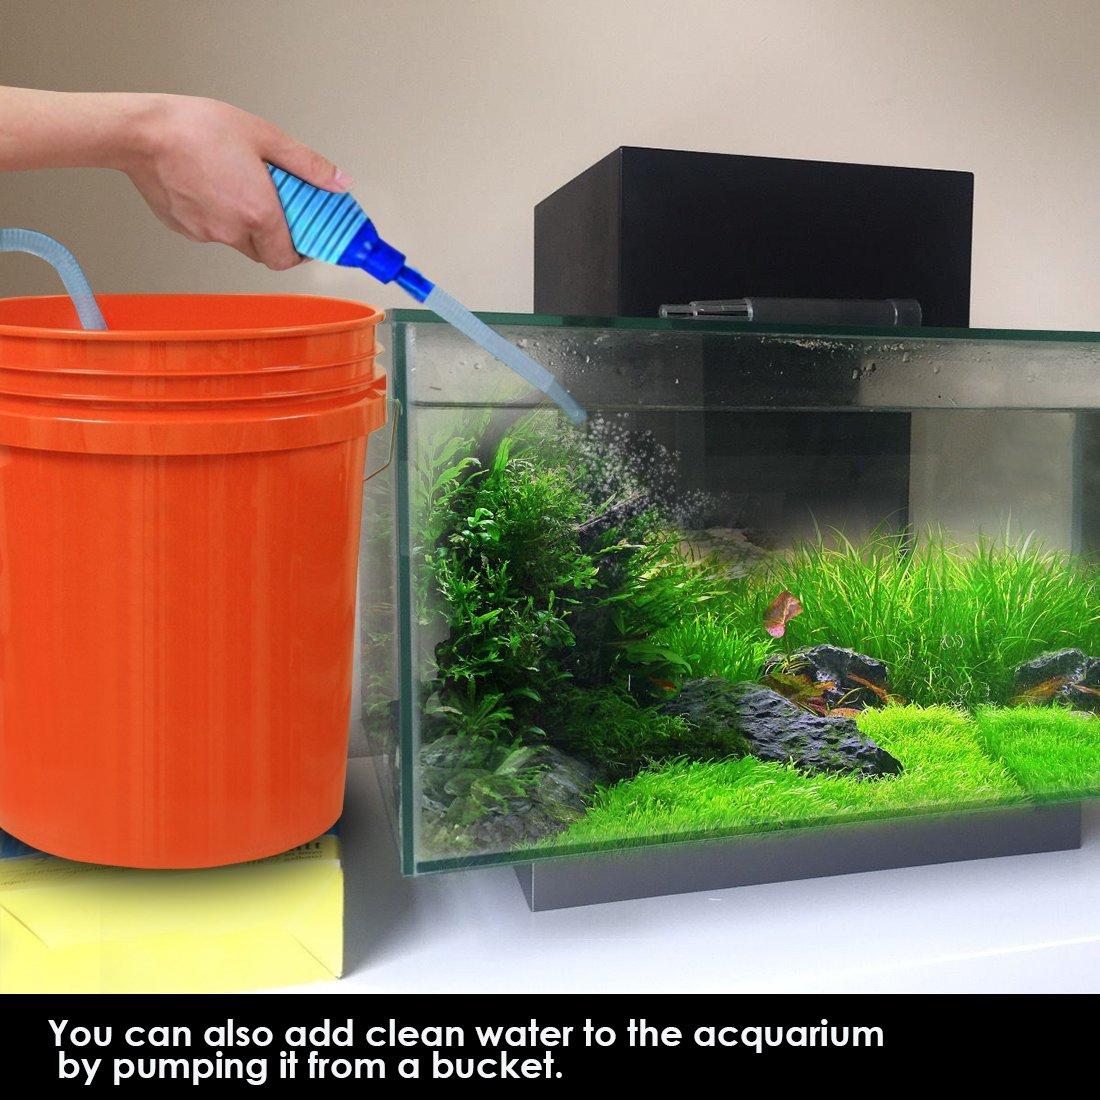 Fesselnd Fisch Tank Aquarium Reiniger Fisch Tank Siphon Vakuum Pumpe Kies Reiniger  Fish Tank Wasser Changer Selbstansaugend Mit Flow Control Tape Fische Net  ...